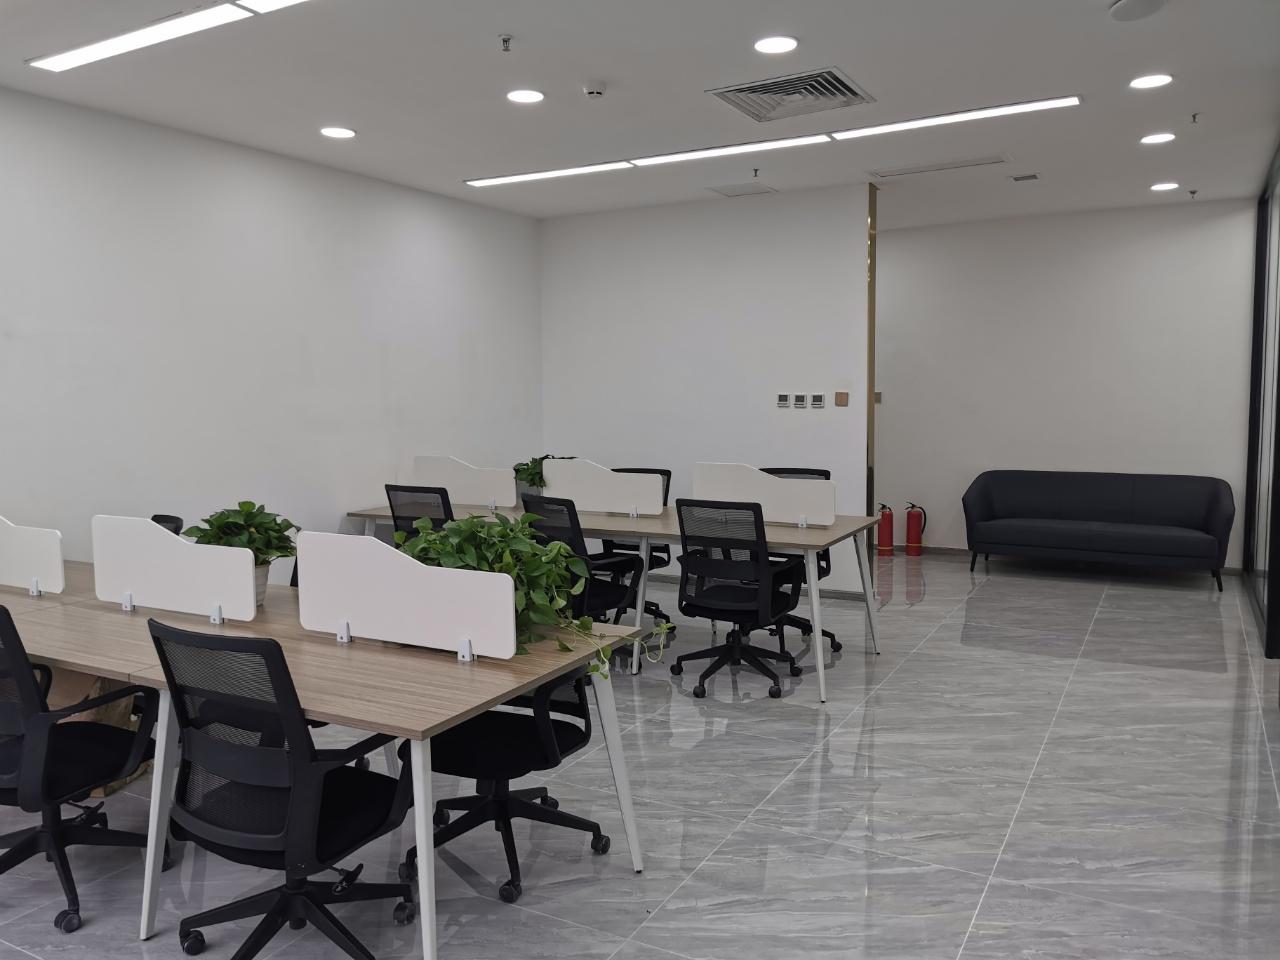 朝北丨经典小户型 中汇国际中心138平米 3隔间+16工位